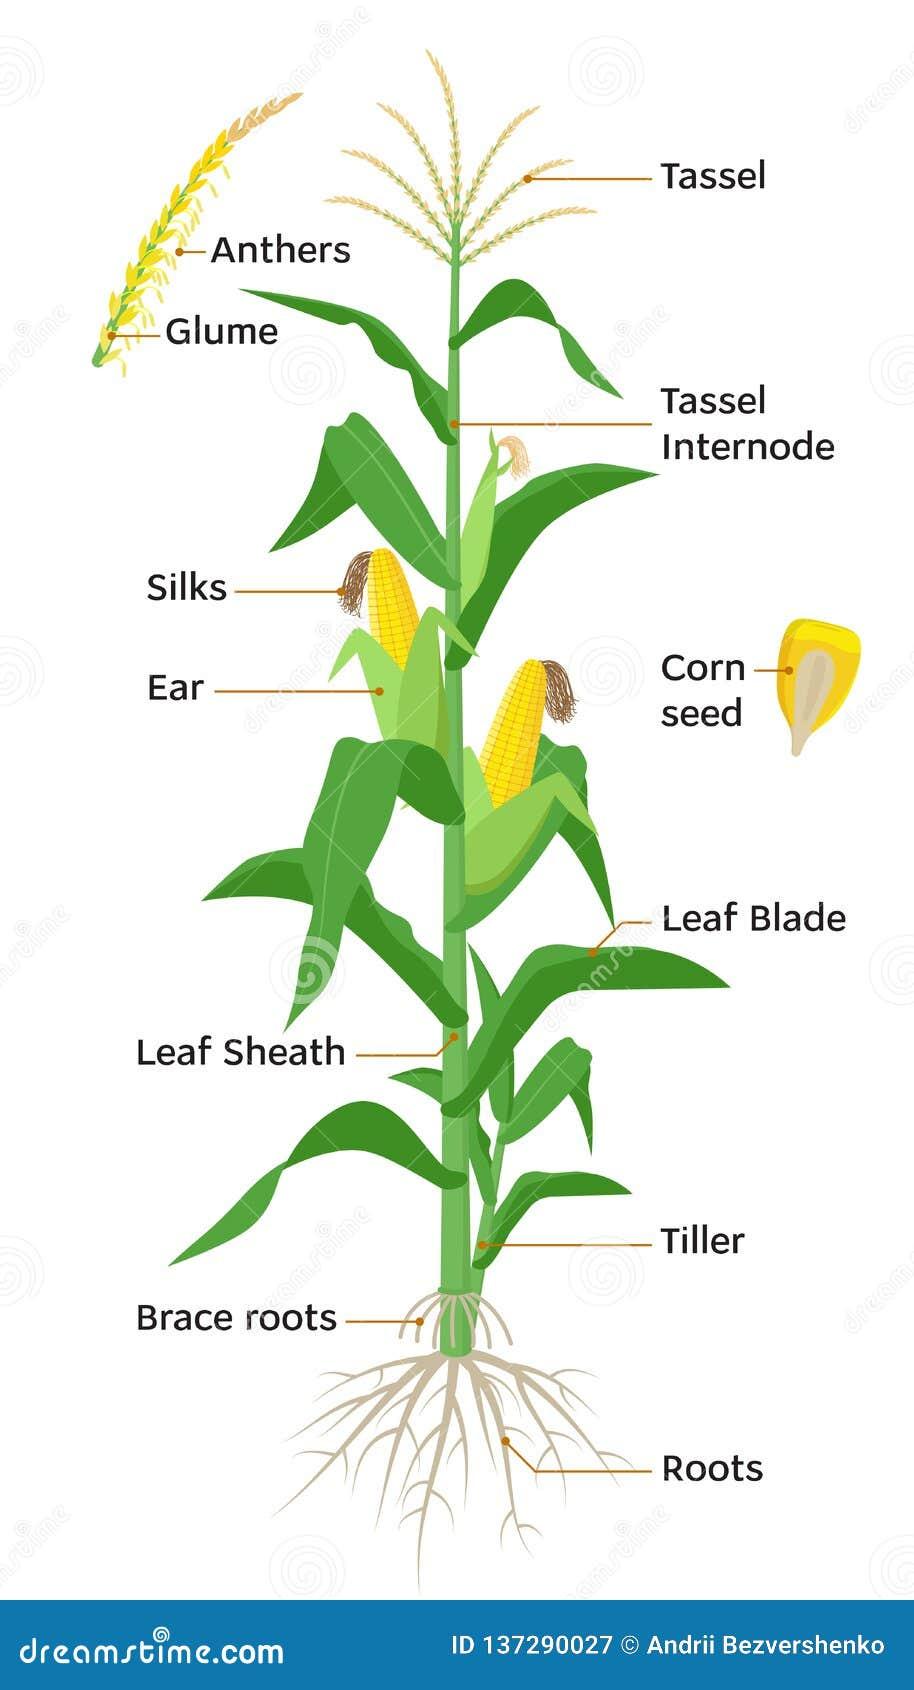 Diagrama da planta de milho, elementos infographic com as partes da planta de milho, anteras, borla, orelhas de milho, espigas, r